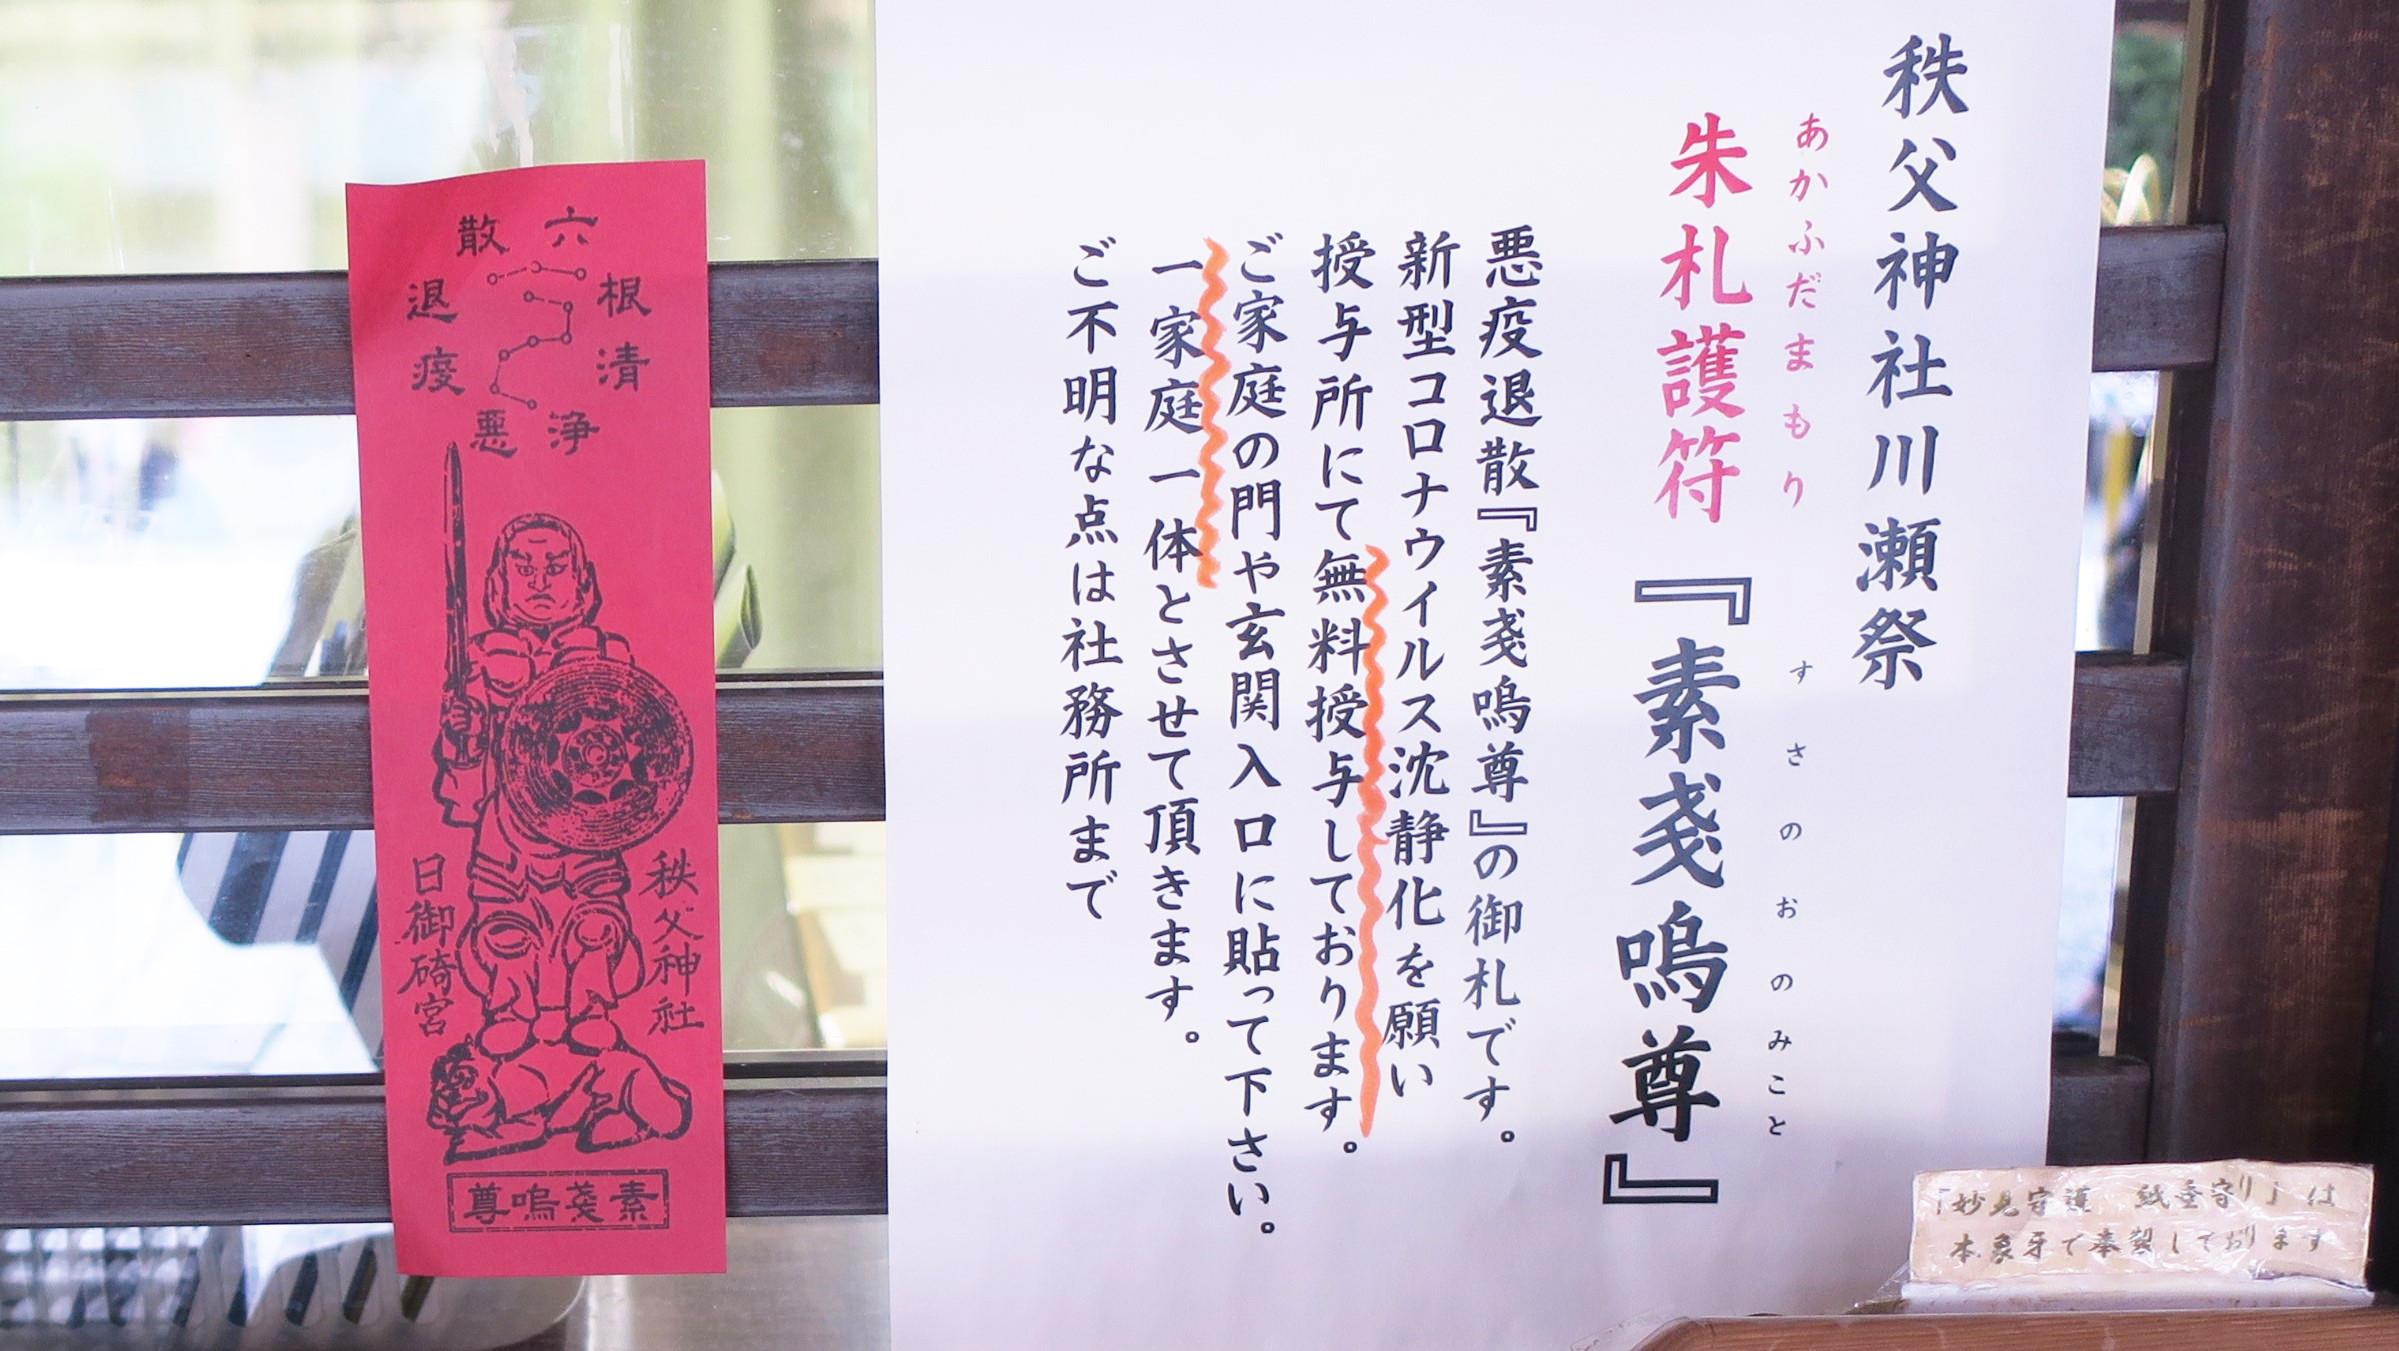 無料頒布、秩父神社 新型コロナ鎮静化祈願、赤札護符 5